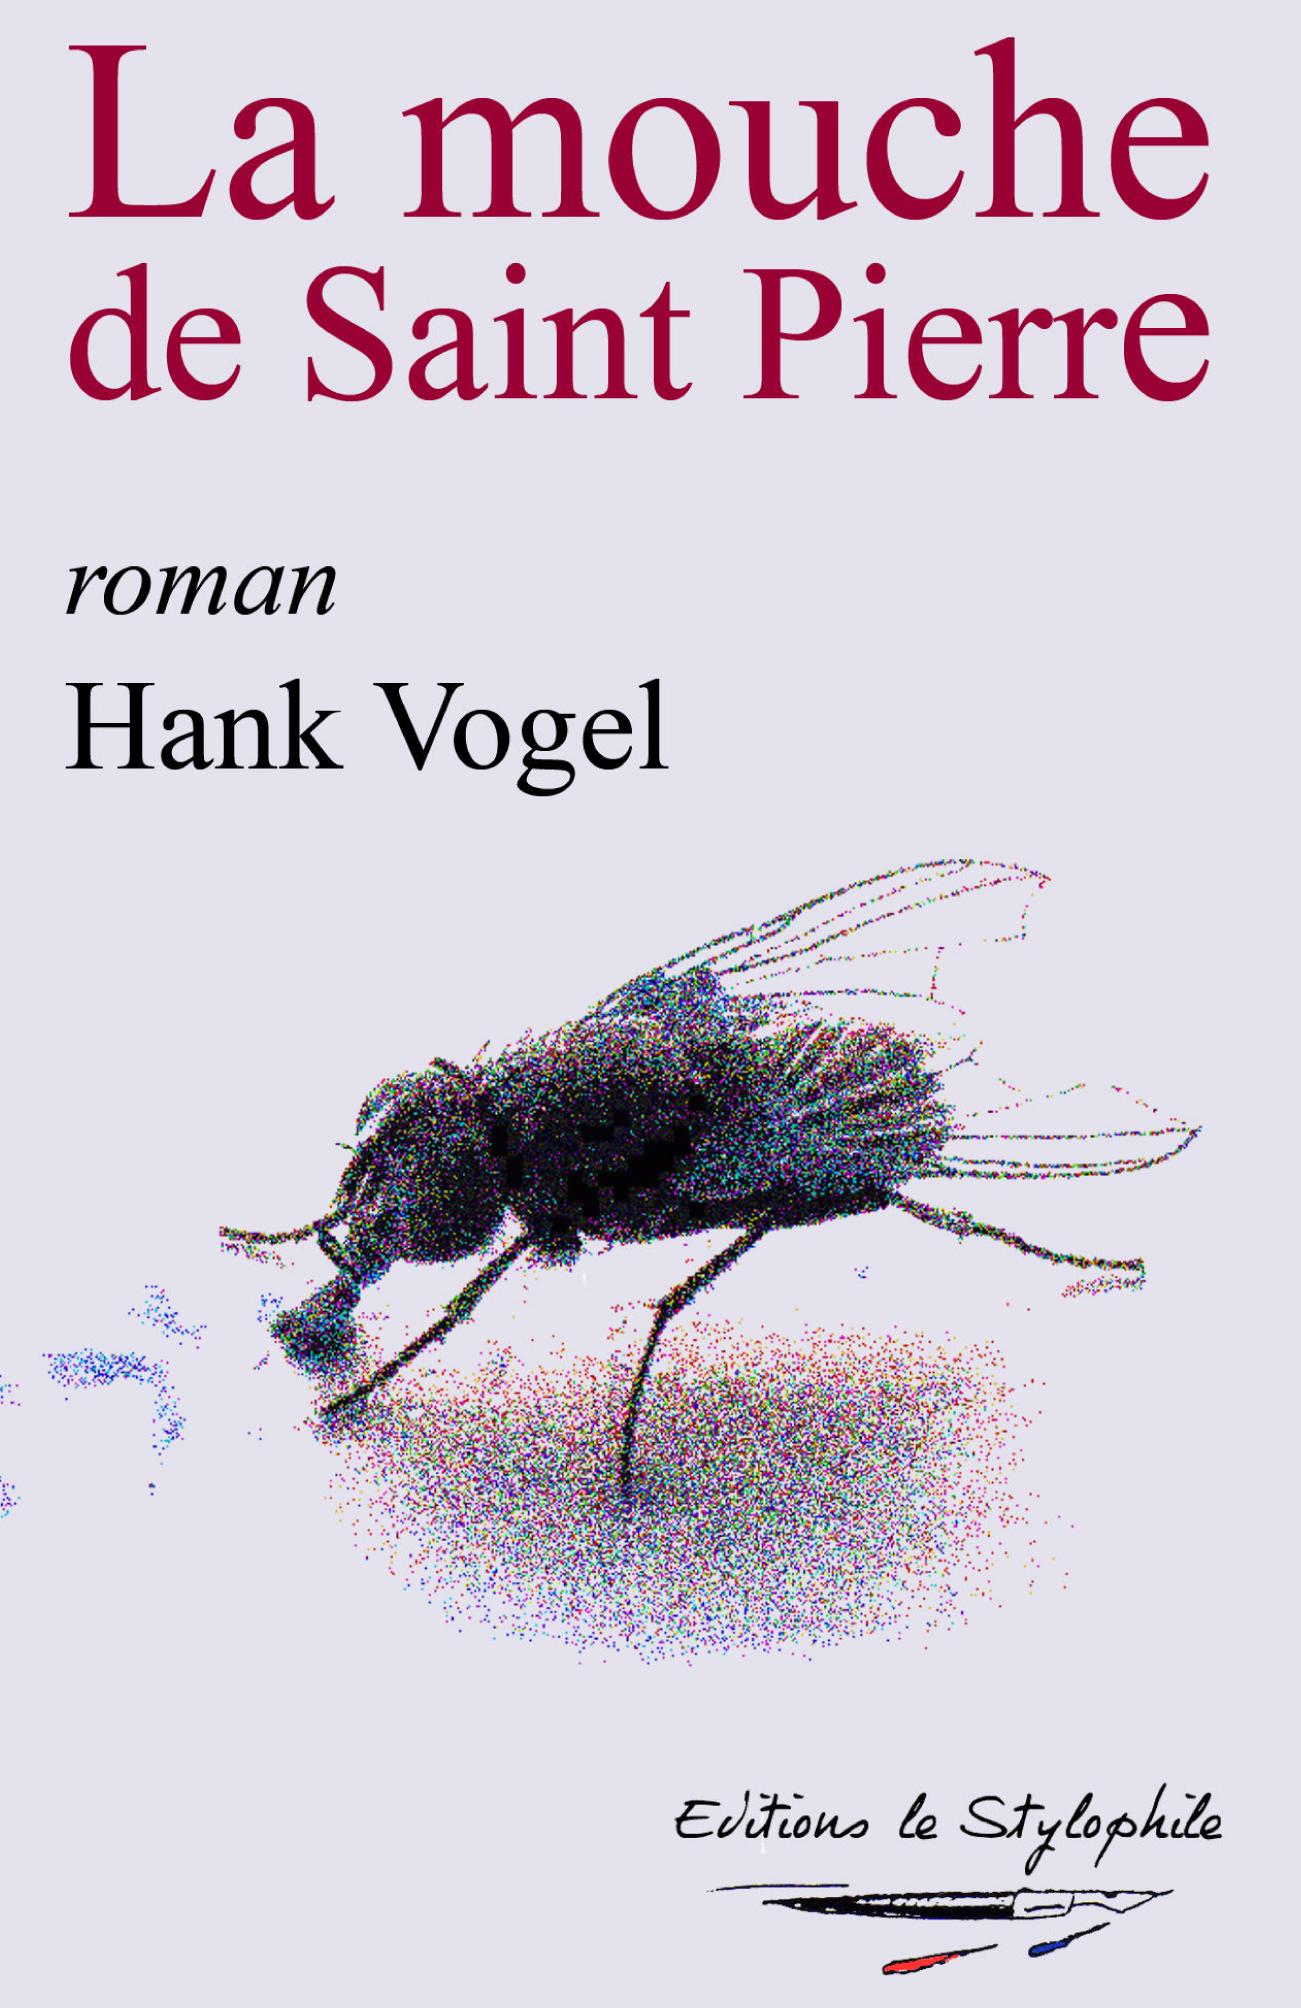 La mouche de Saint Pierre